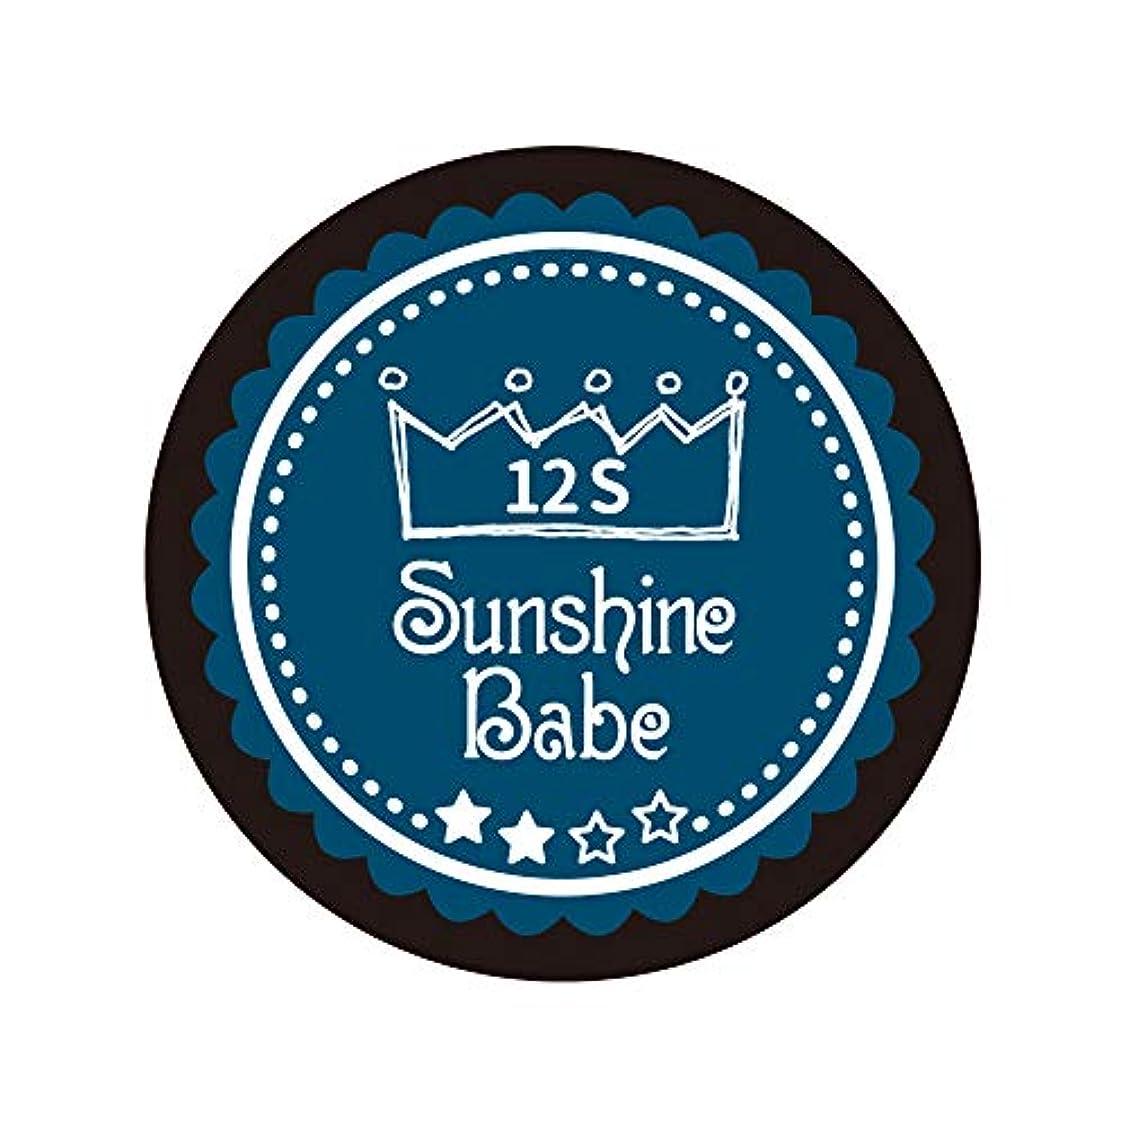 堀ストレンジャーオズワルドSunshine Babe カラージェル 12S セイラーブルー 2.7g UV/LED対応